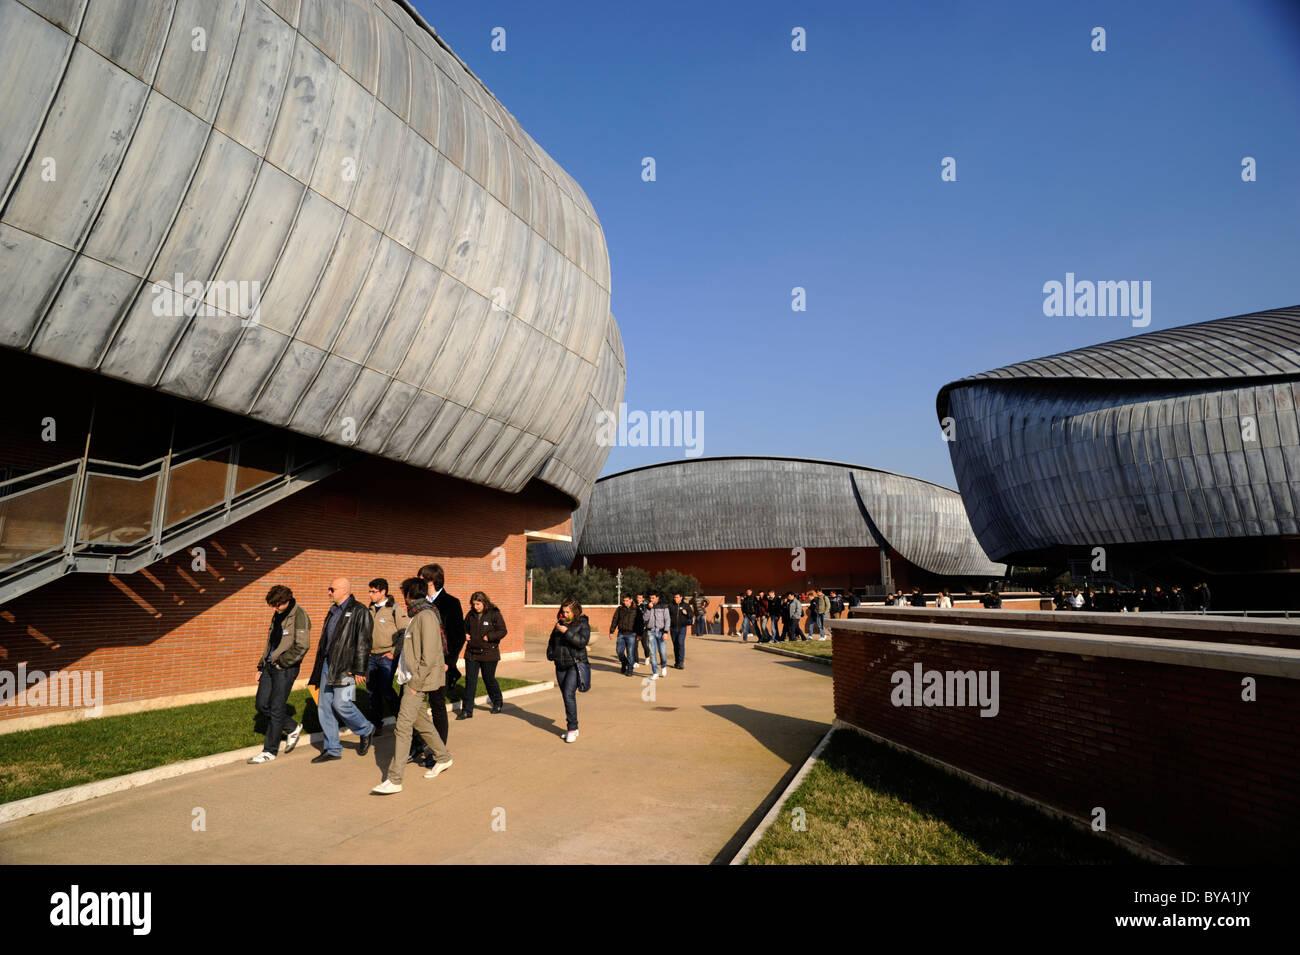 Italia, Roma, el auditorio Parco della Musica, el arquitecto Renzo Piano Foto de stock